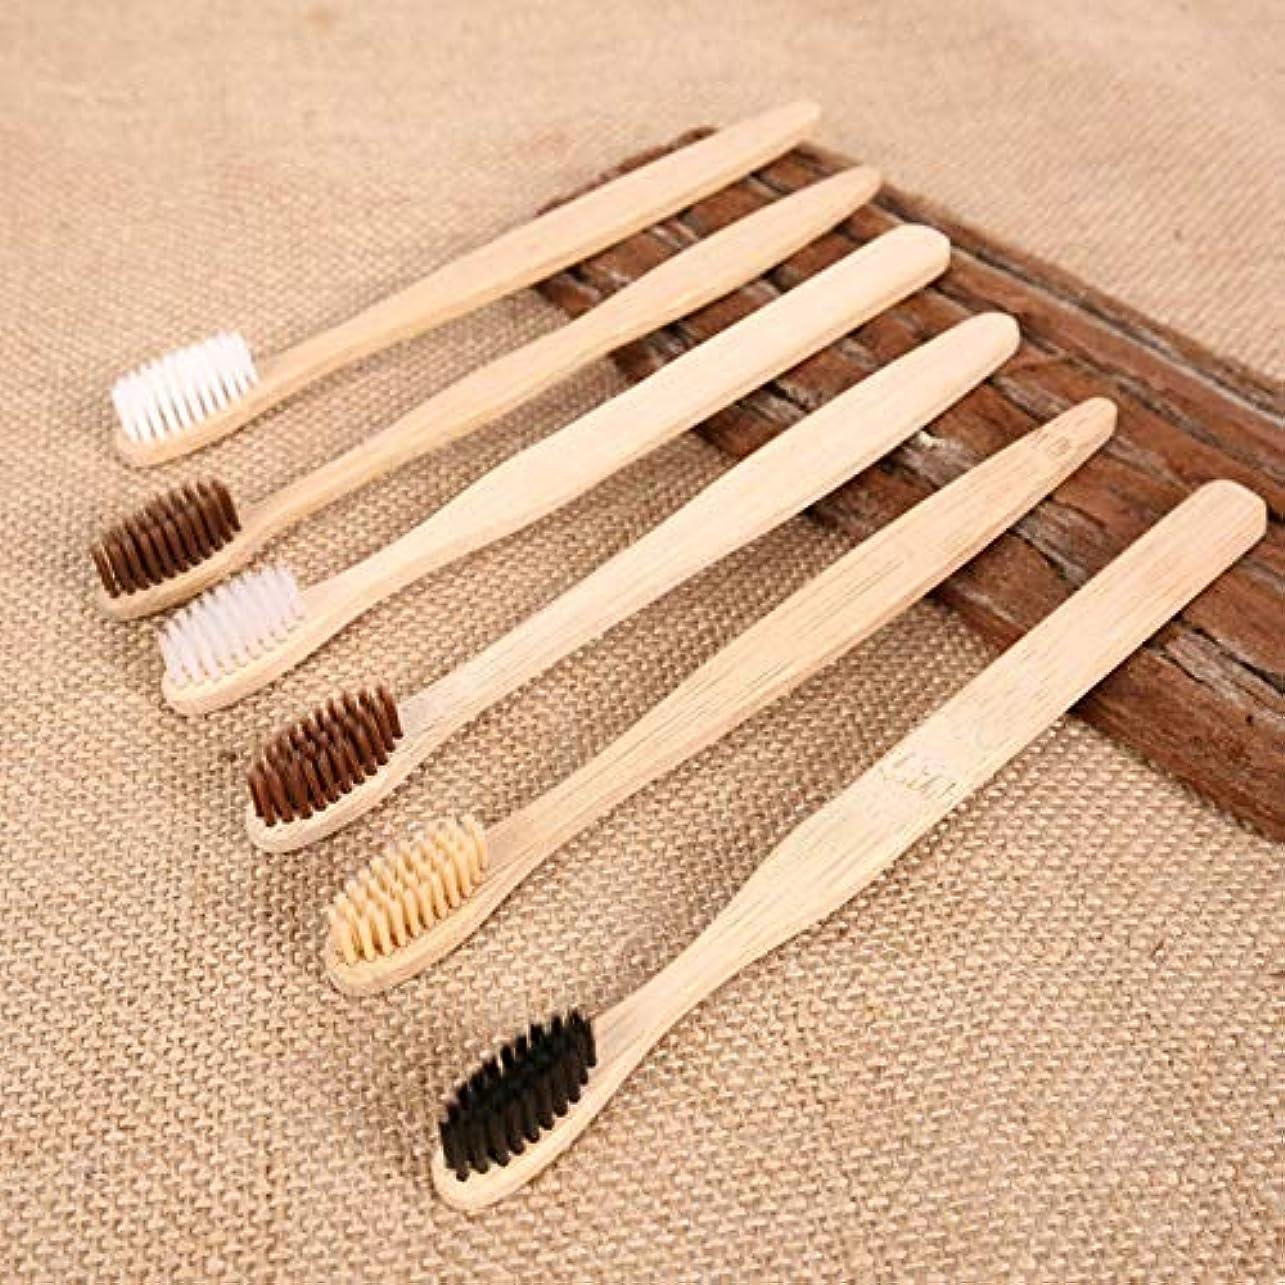 フリル地獄溶接Moonvvin 10本 ブラシ 大人用 木製歯ブラシ 環境保護 歯ブラシ 柔らかい毛 混合色 携帯用 旅行用